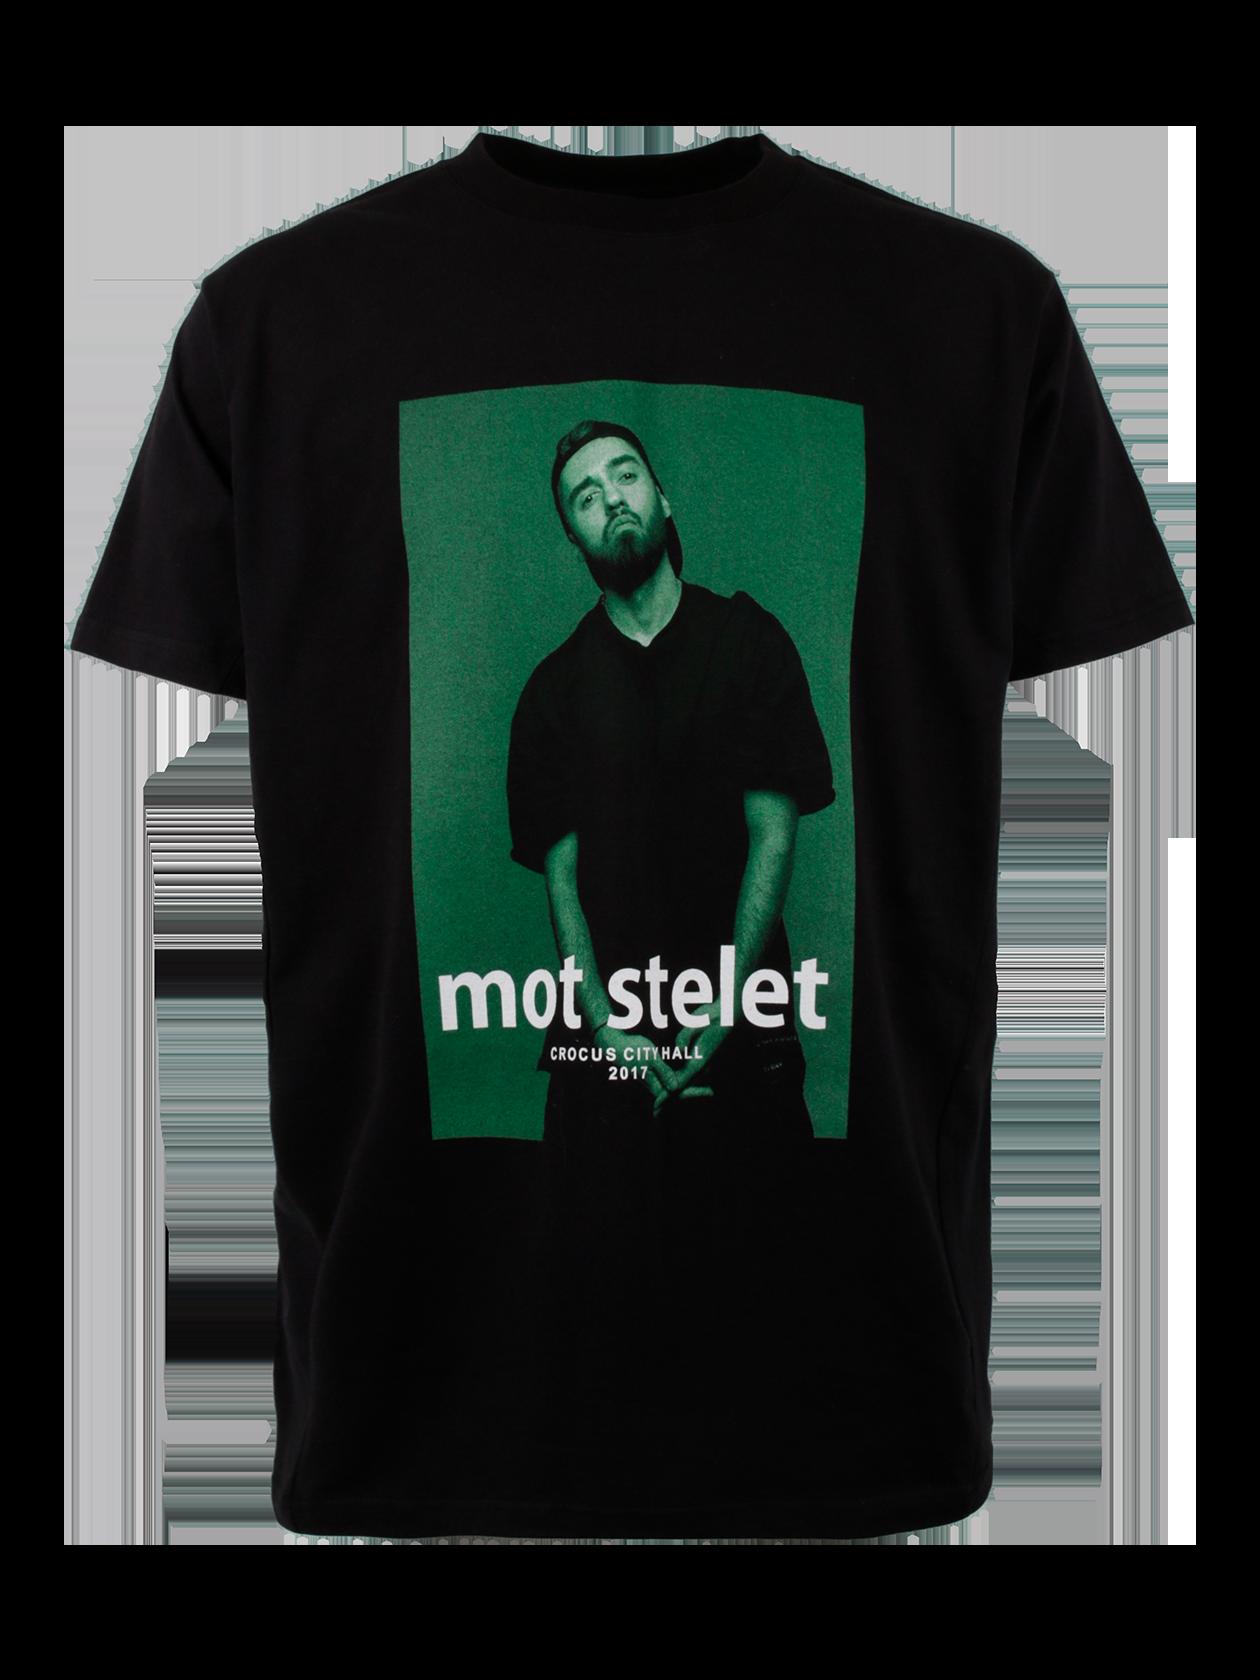 Футболка унисекс MOT STELET GREENФутболка унисекс Mot Stelet Green – стильная новинка из мерча Мота. Модель представлена в лаконичном черном цвете, выделяется оригинальным дизайном в виде принта спереди с портретом артиста в зеленом оформлении. Изделие прямого свободного кроя, со спущенной линией плеча, переходящей в широкий короткий рукав. Удлиненный силуэт вещи позволит создавать разнообразные образы, комбинируя ее с другой одеждой. Горловина с неглубоким вырезом, дополнена эластичной трикотажной тканью, внутри жаккардовая нашивка с логотипом Black Star Wear.<br><br>Размер: M<br>Цвет: Черный<br>Пол: Женский